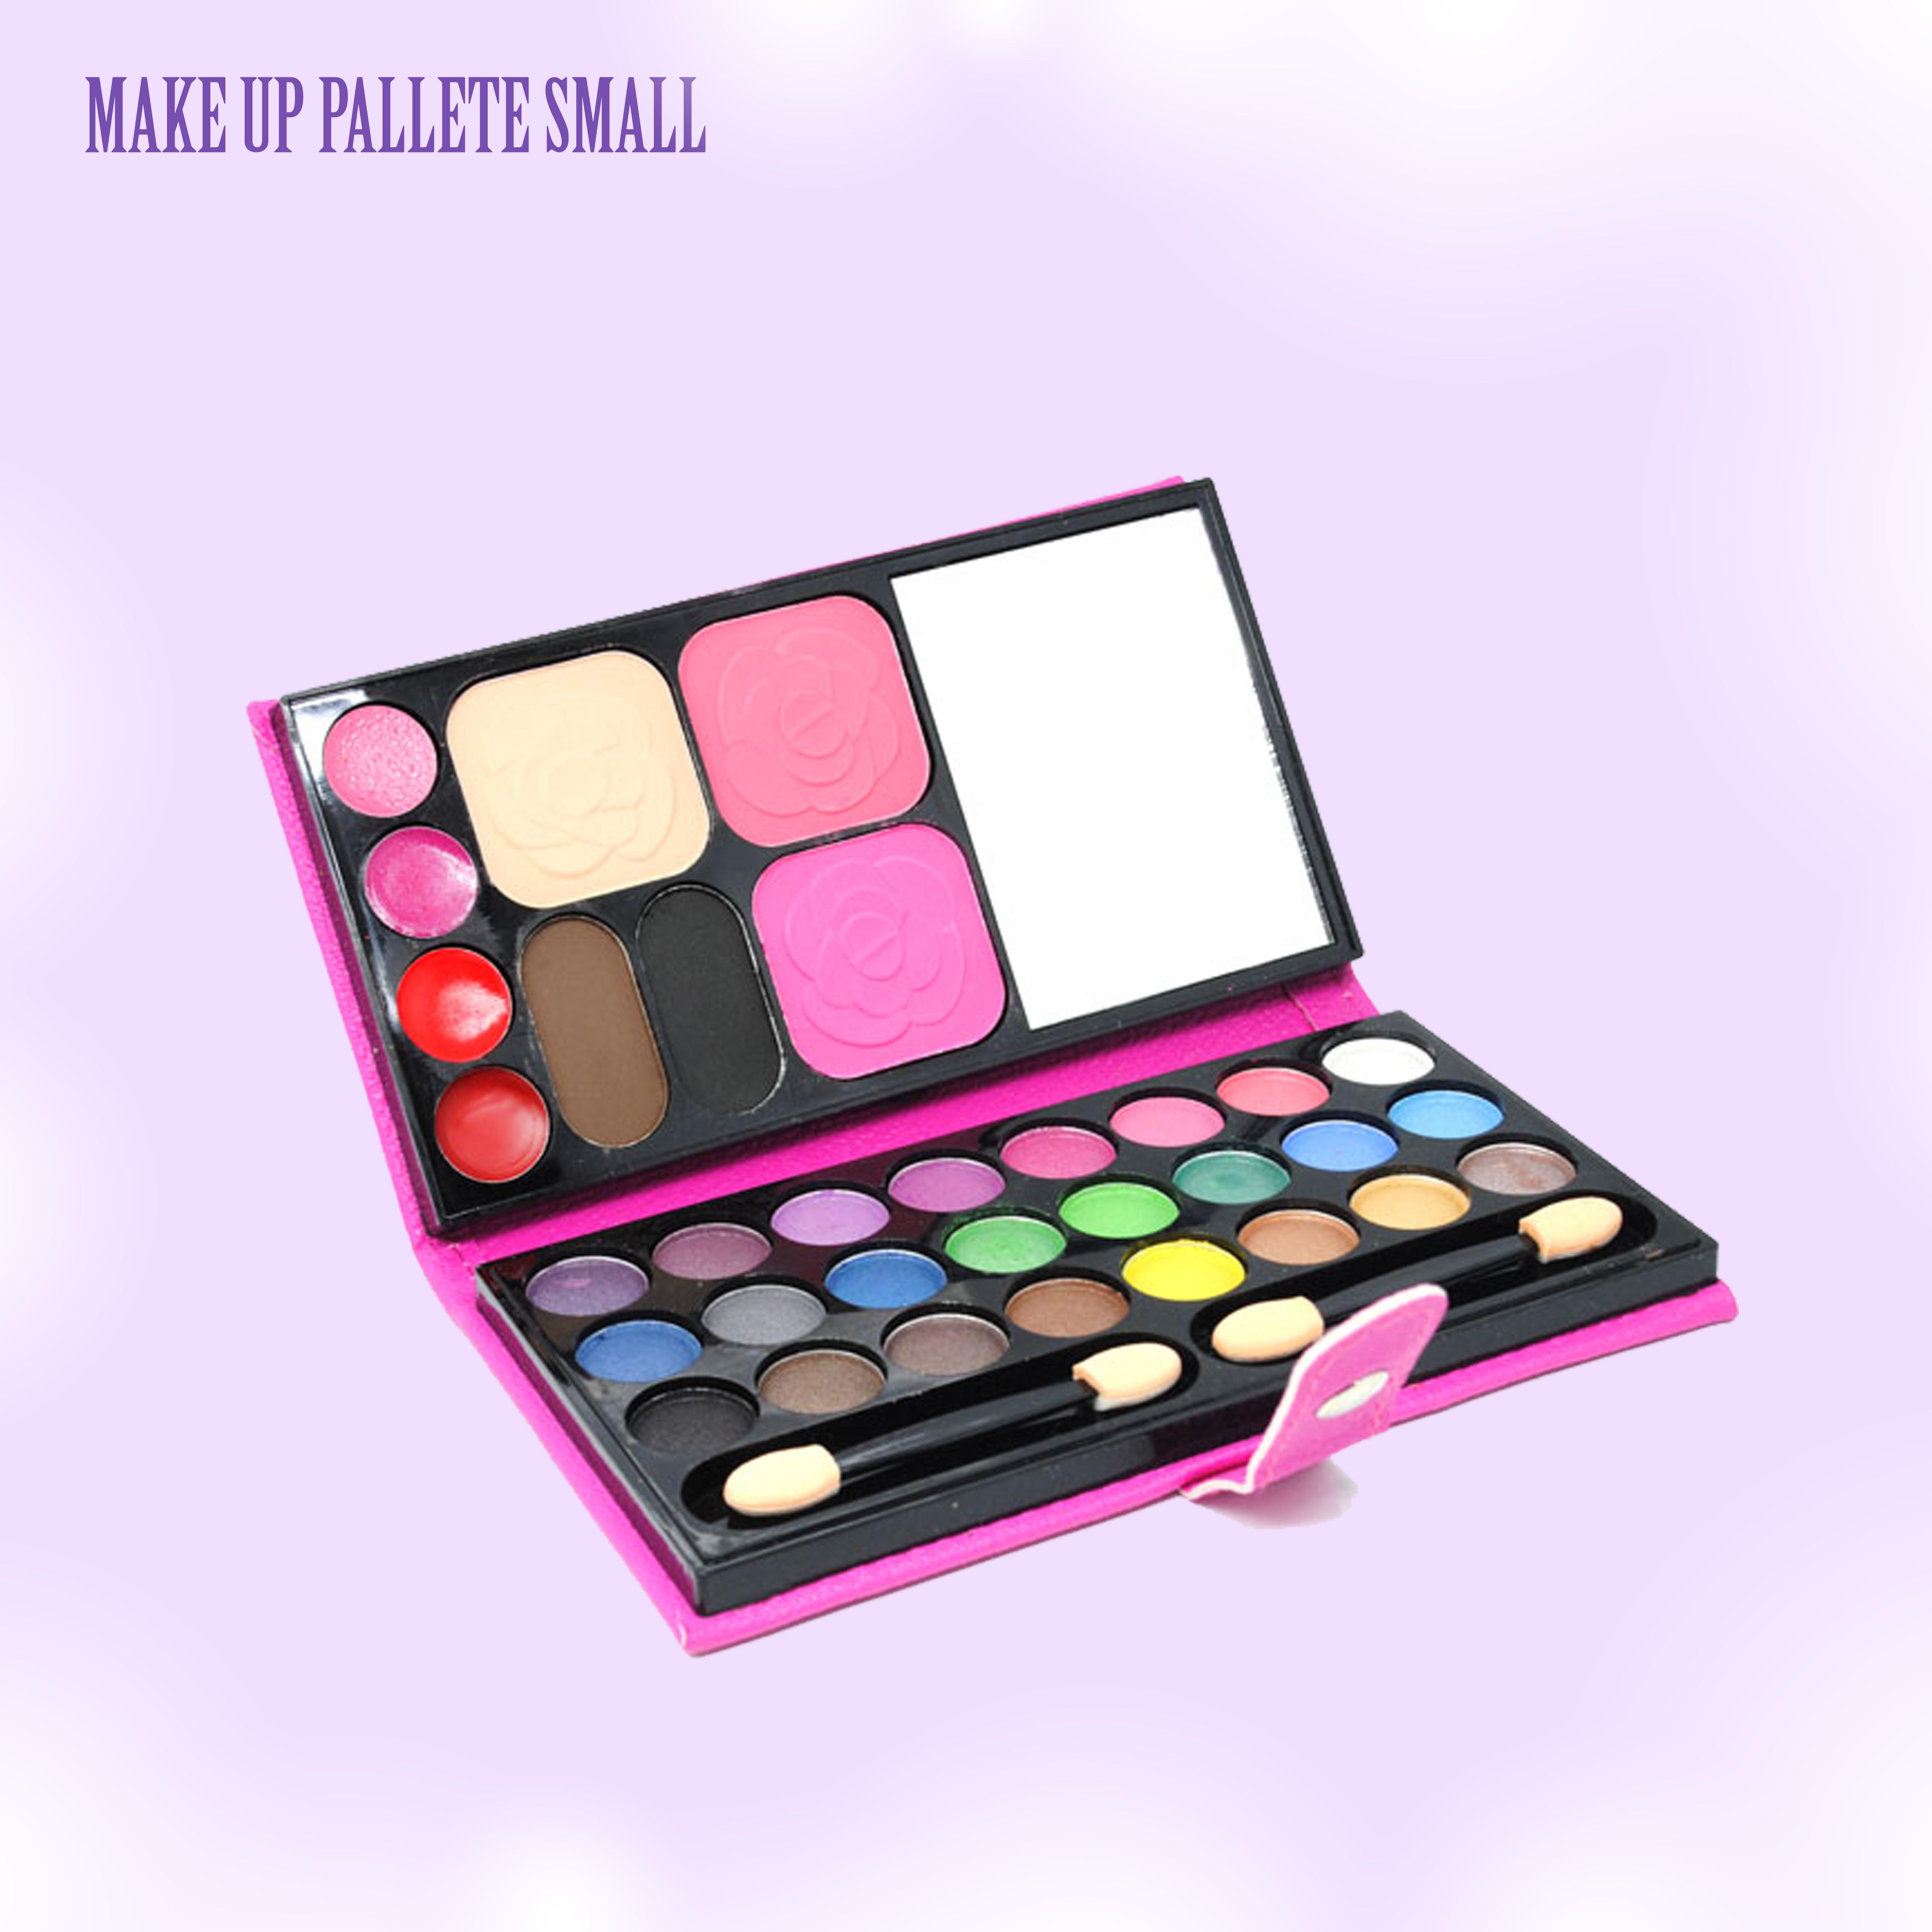 eyeshadow pallete – eyeshadow pallete korea / beauty creations eye shadow tease me pallete / perona mata 18 warna /  terlaris bisa cod / bayar ditempat / make up set kosmetik